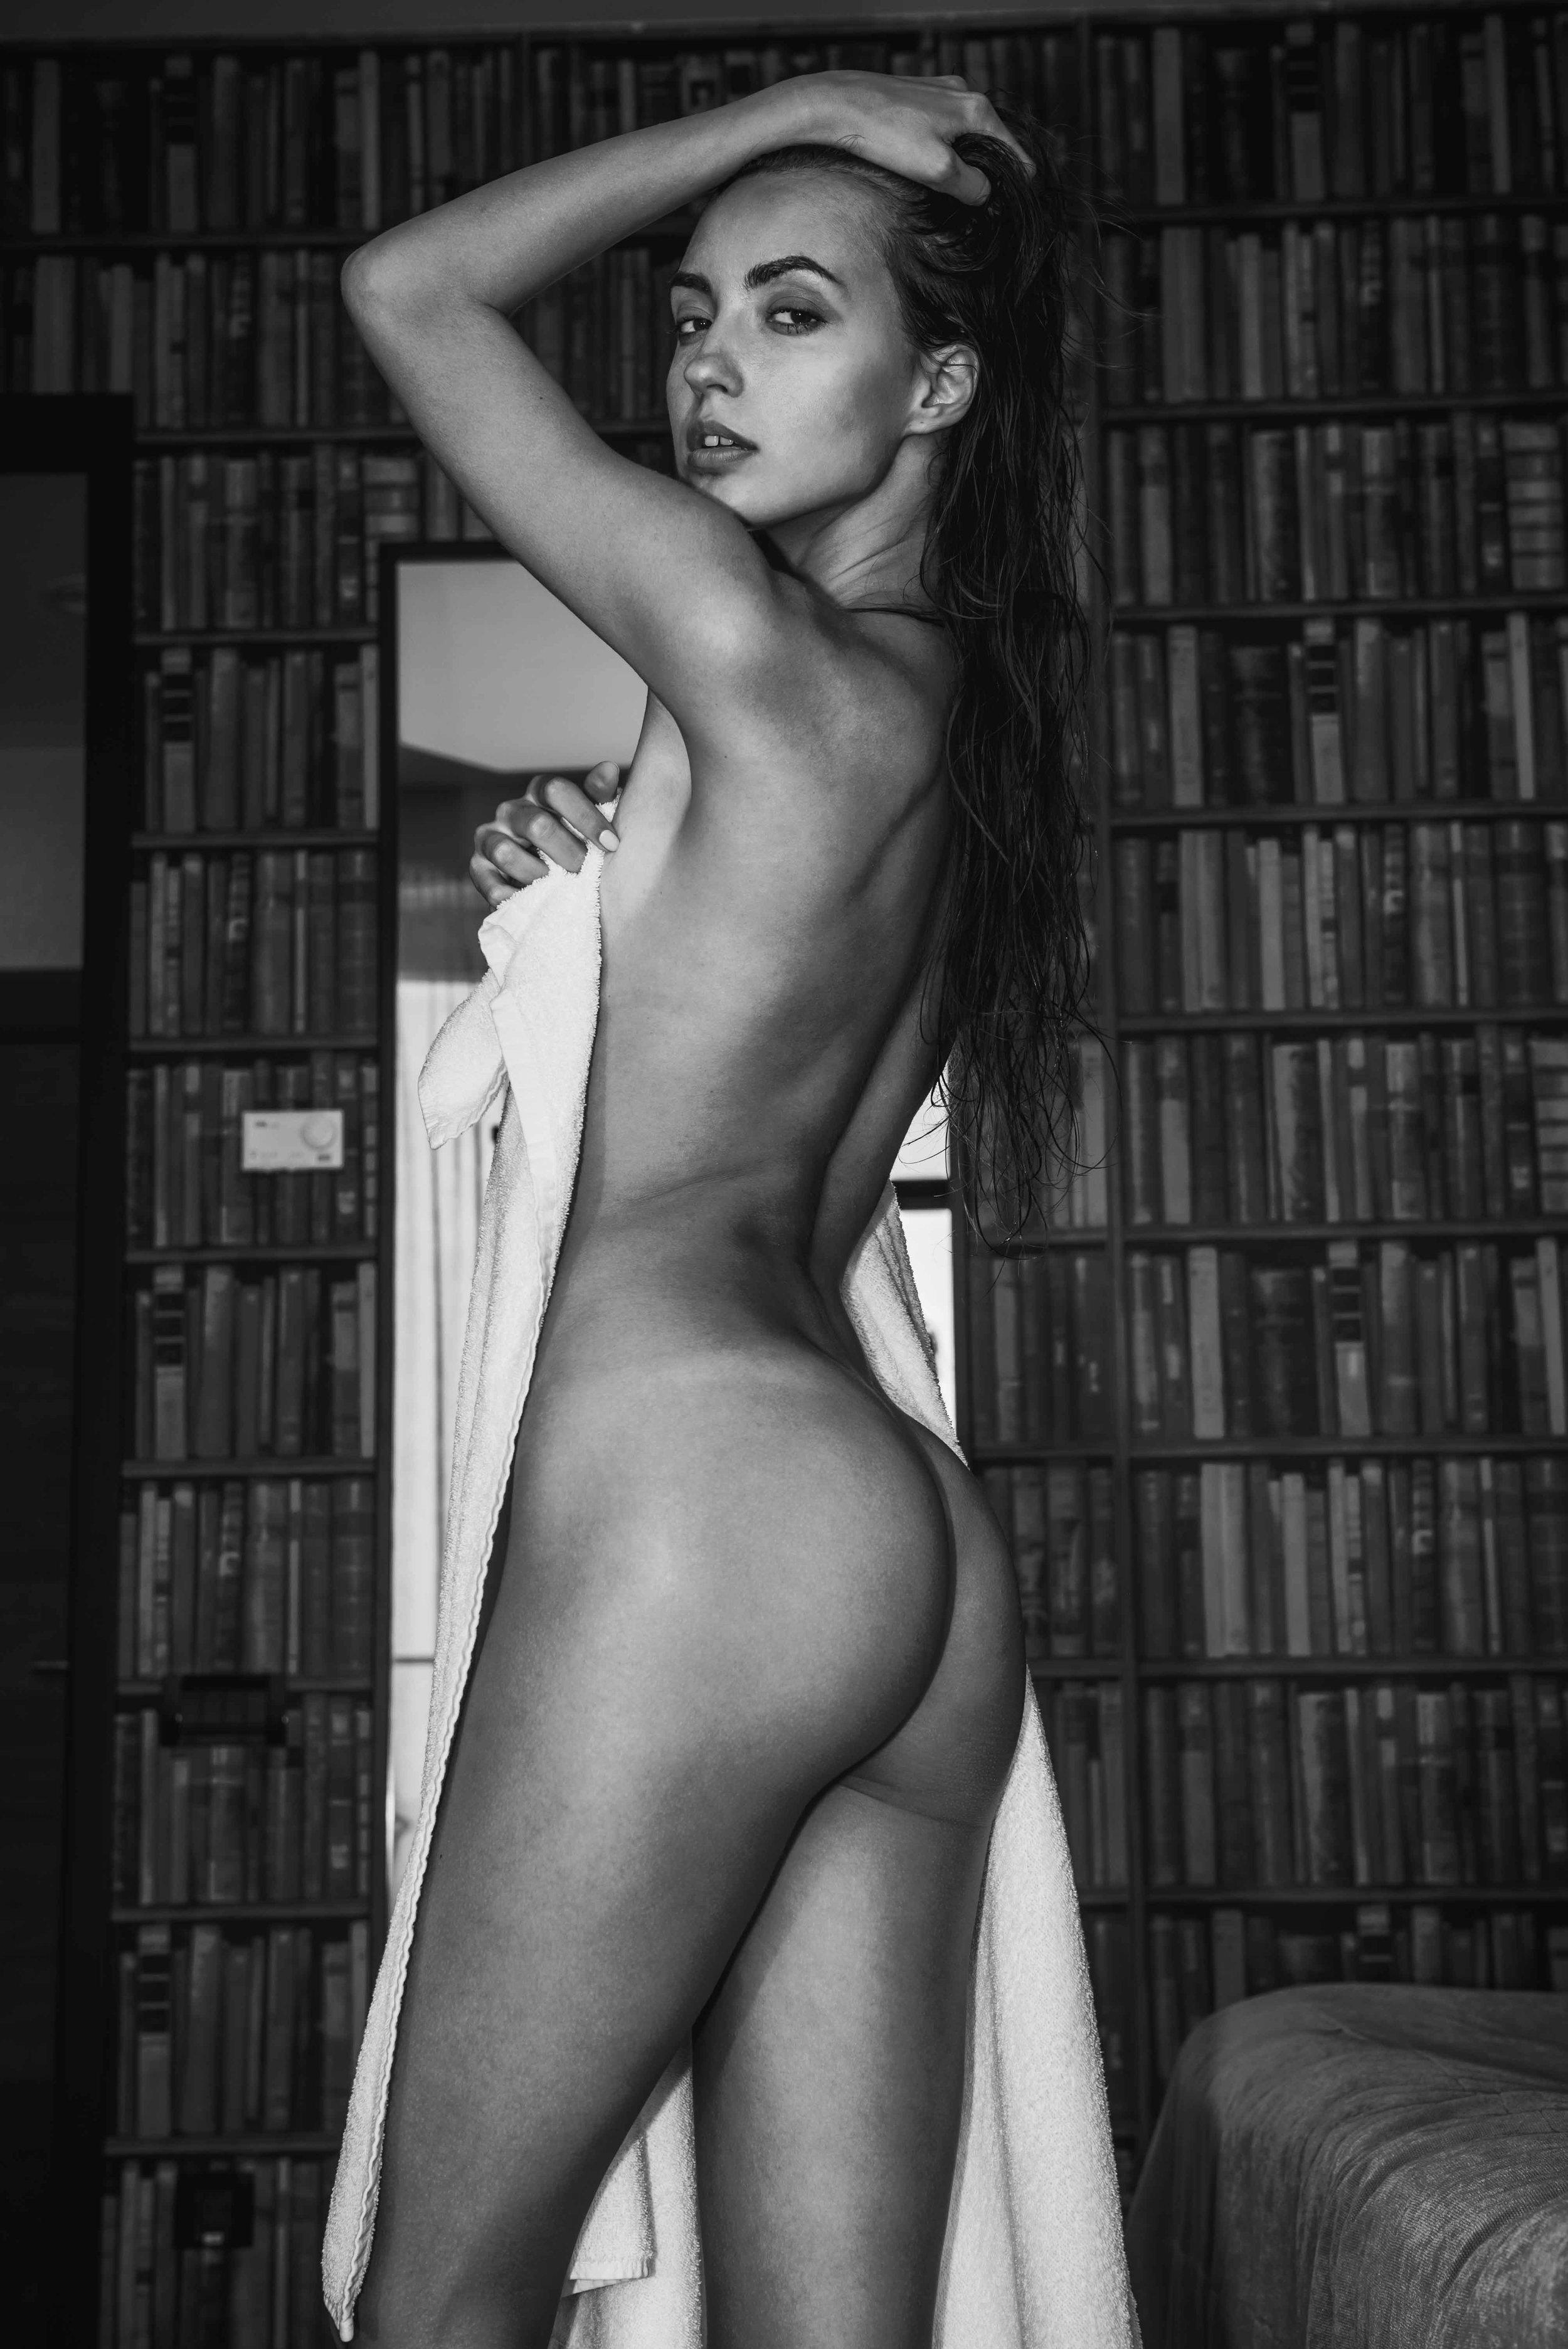 Kate Graschenko by Jude P